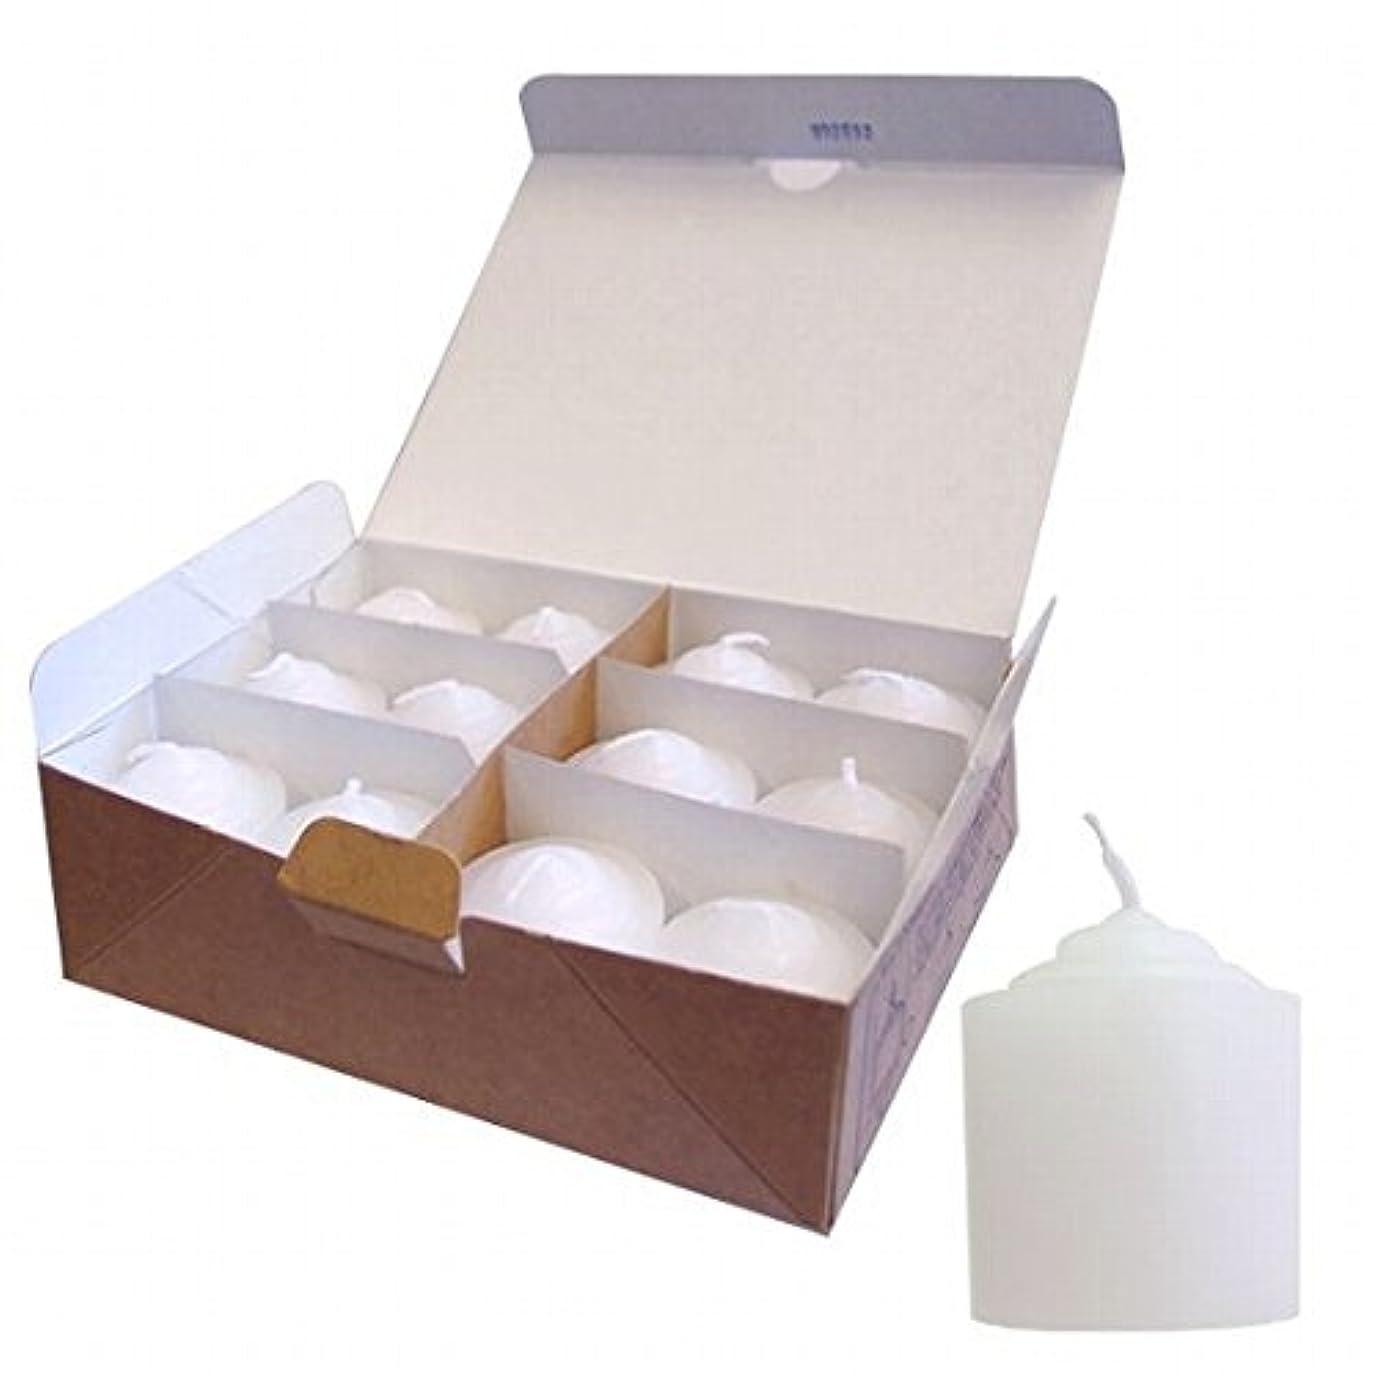 選択するアベニュー法的カメヤマキャンドル( kameyama candle ) 8Hライト(8時間タイプ)12個入り